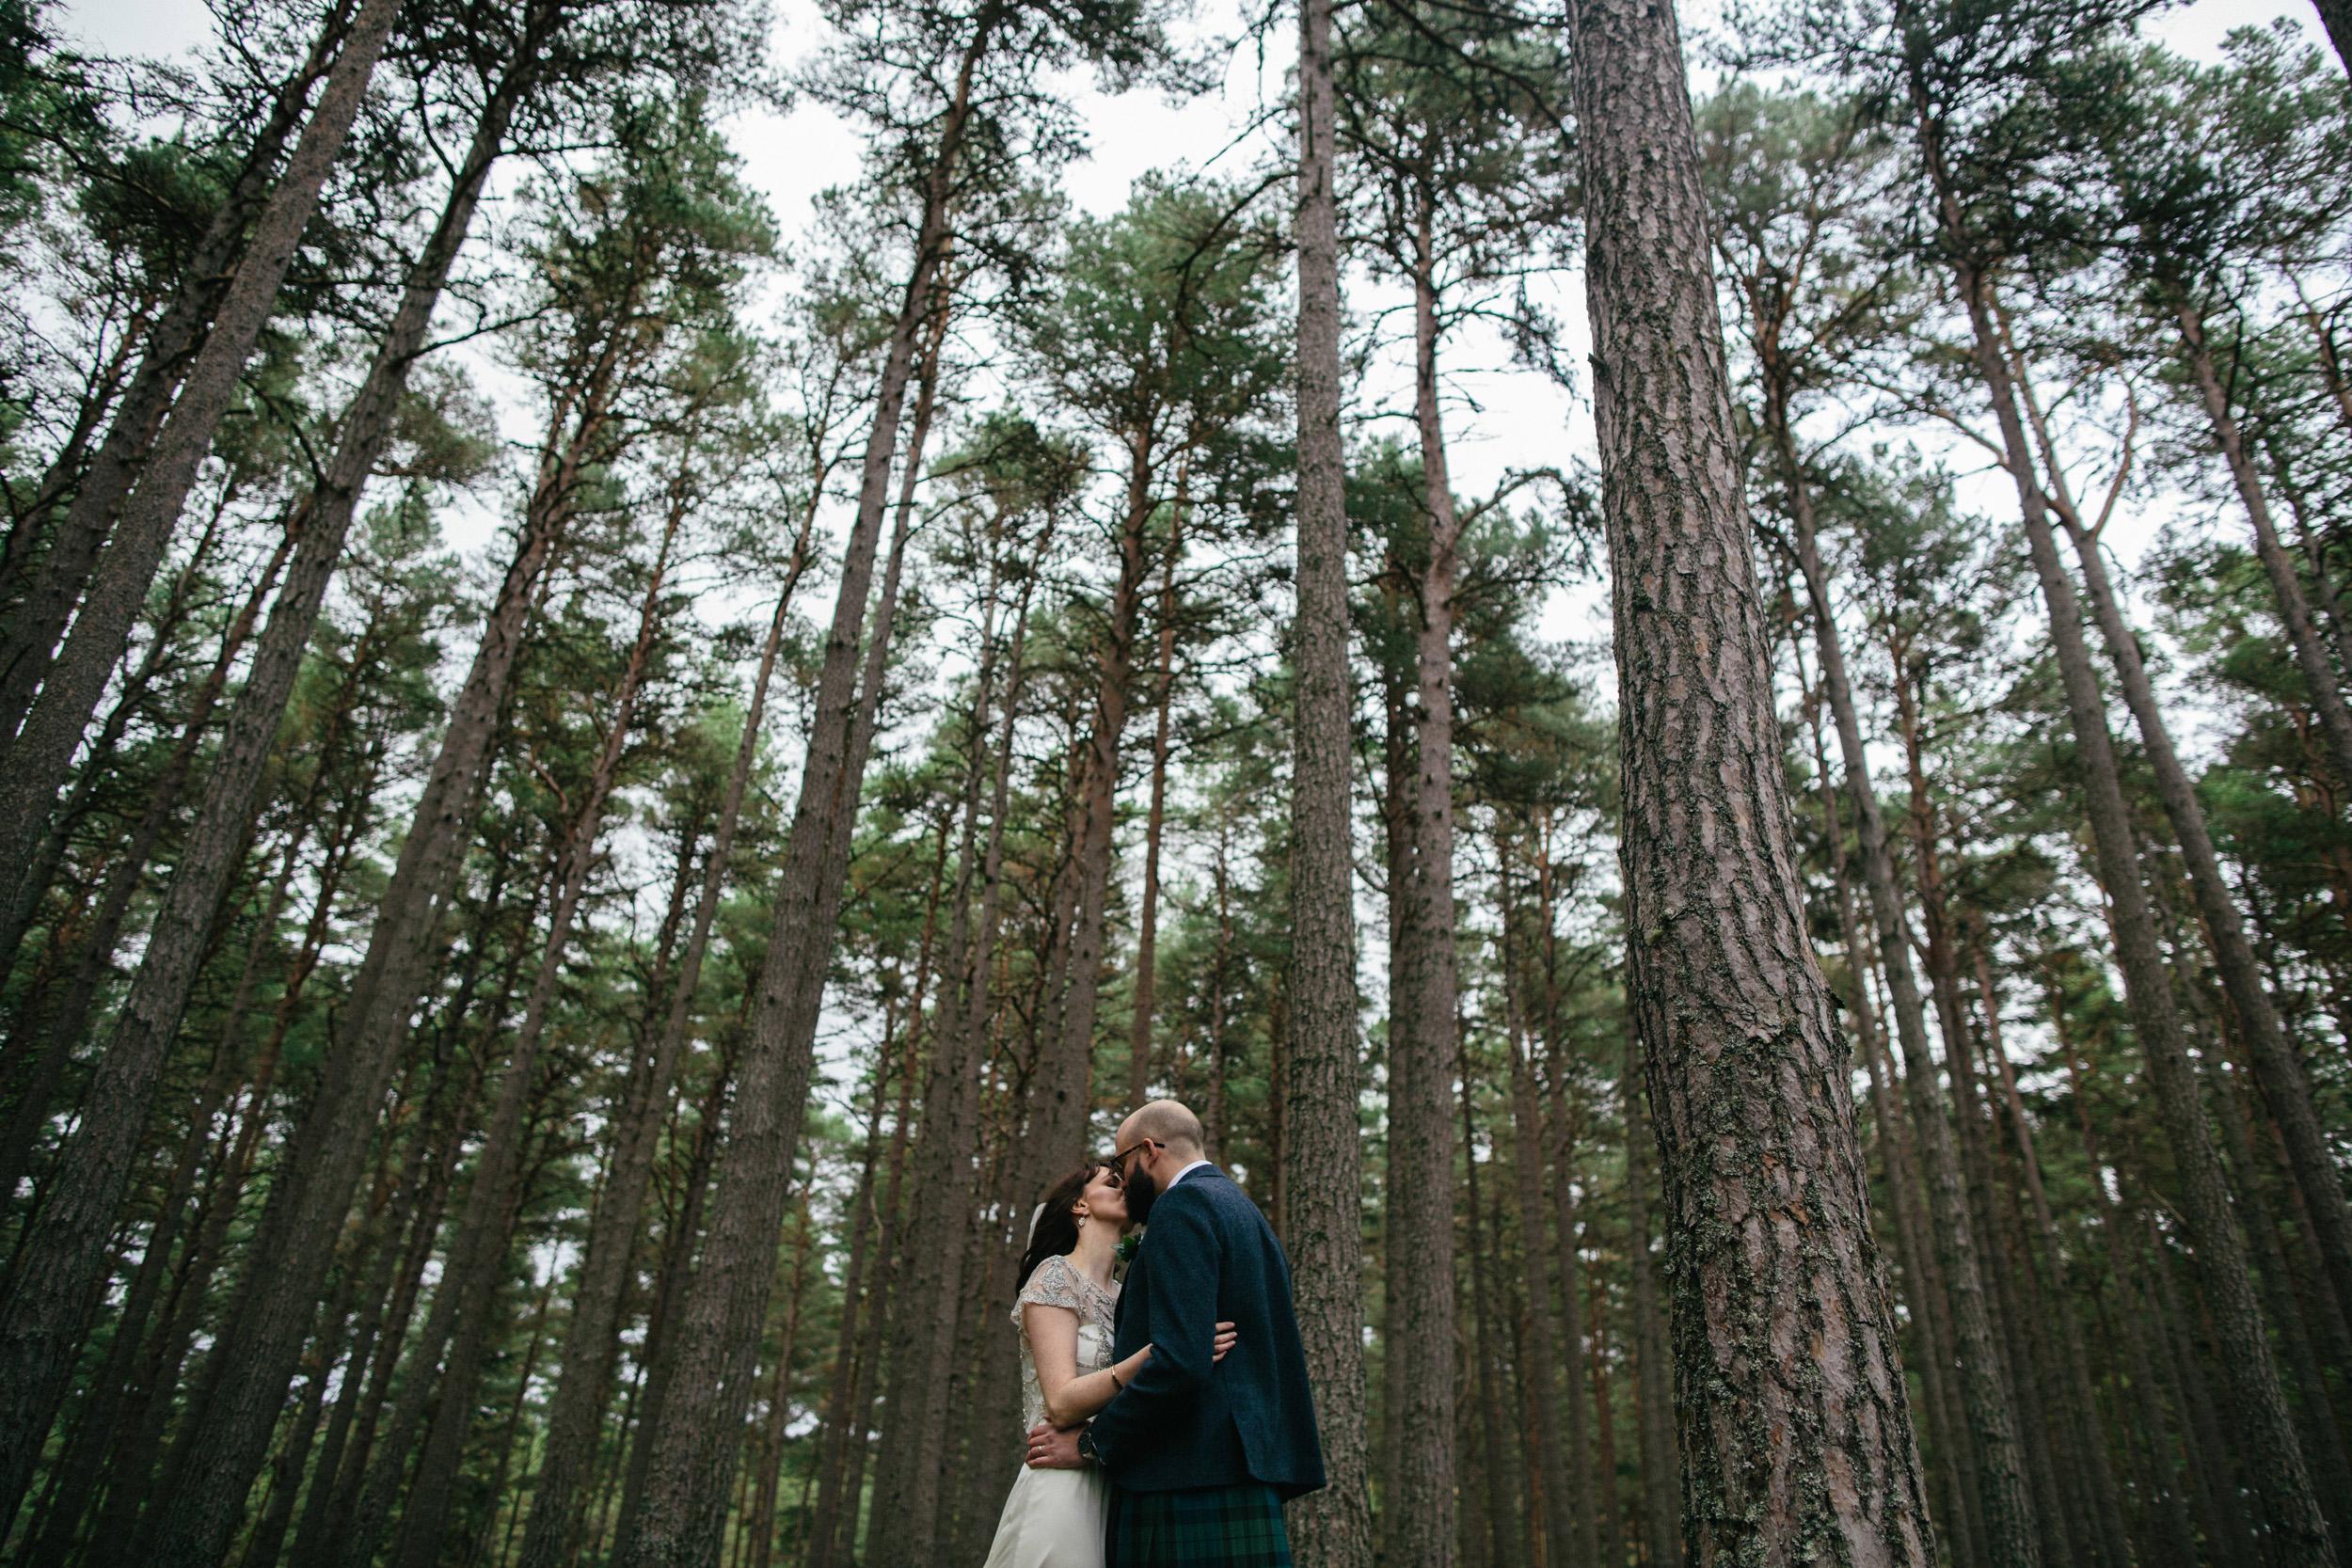 Natural Wedding Photography Aberdeen Braemar 068.jpg